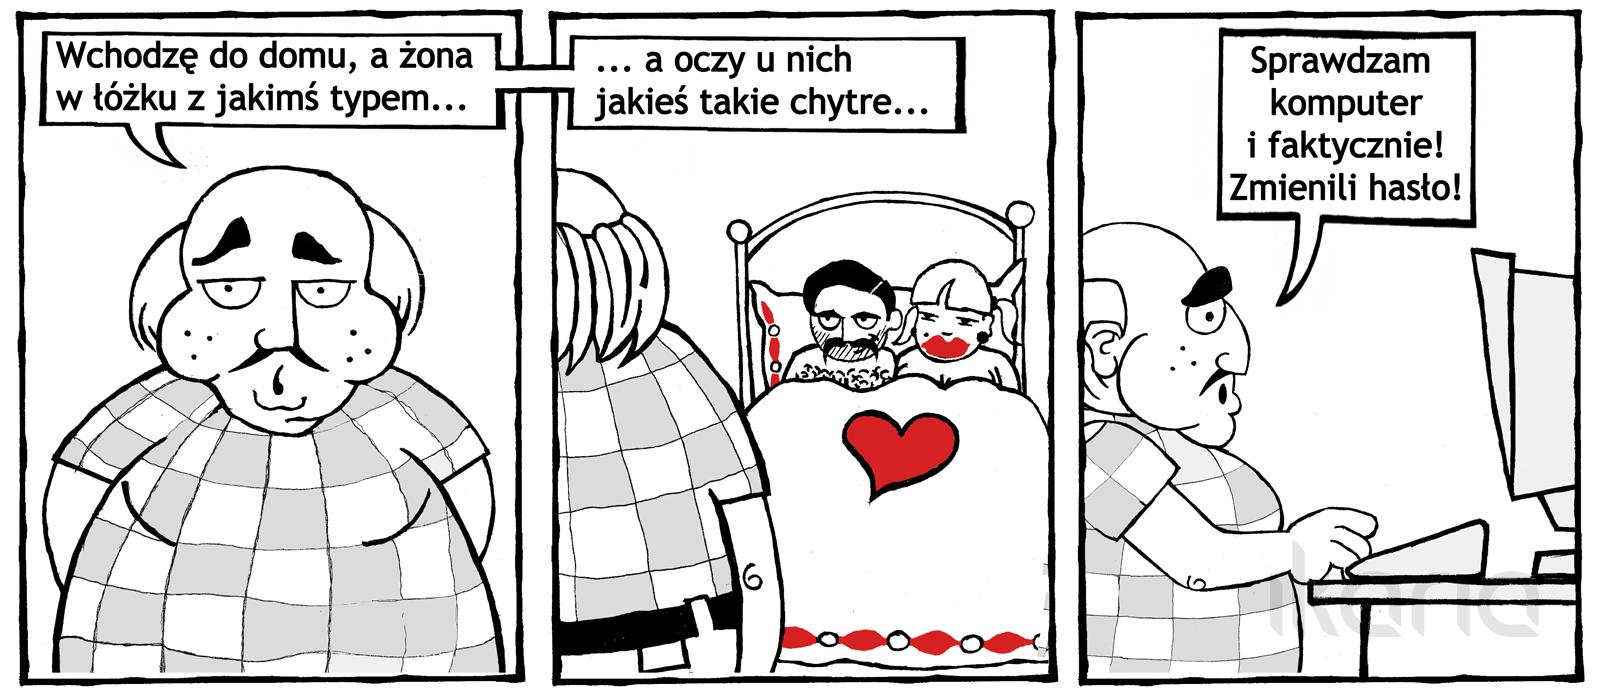 Komiks dnia #3 – nie bójmy się śmiać z informatyków i osób mieszkających w internecie